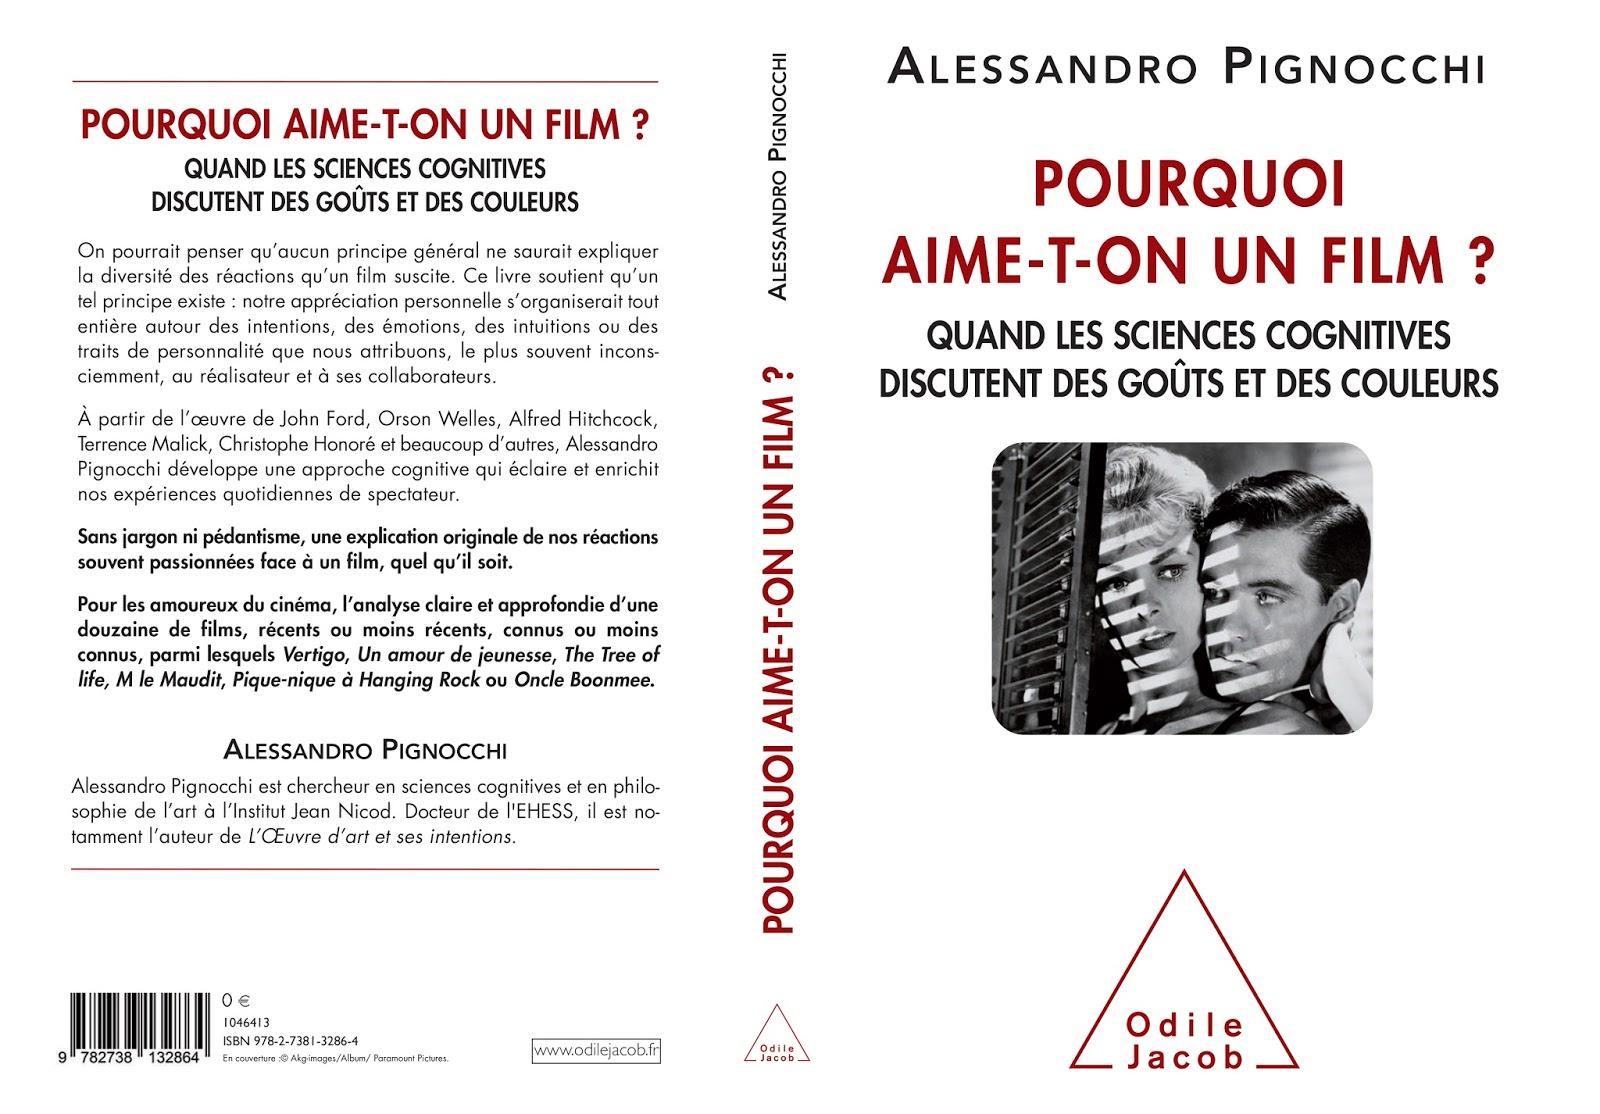 Pourquoi aime-t-on un film ? Quand les sciences cognitives discutent de goûts et des couleurs. Alessandro Pignocchi